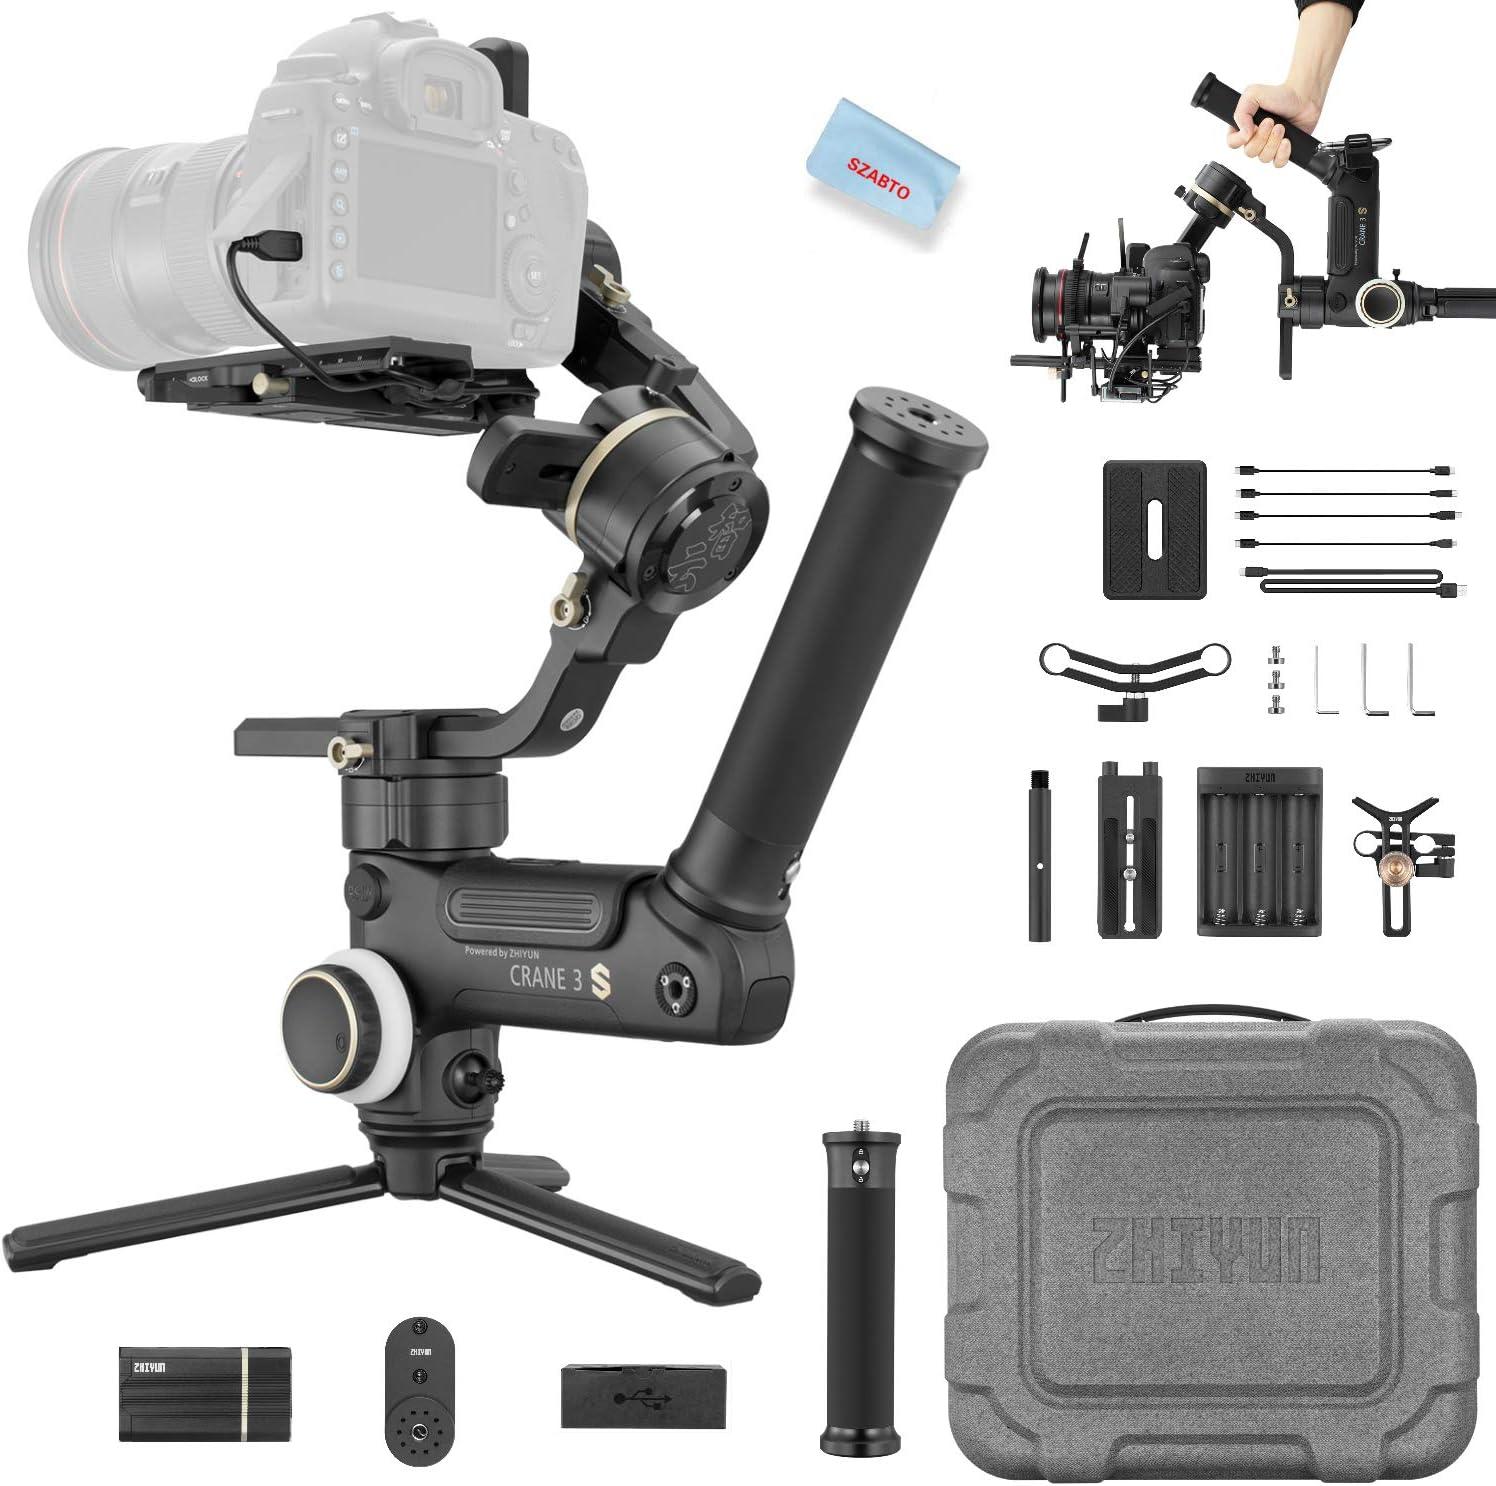 ZHIYUN Crane 3 LAB Master Pack 3-Eje Gimbal Estabilizador para DSLR Mirrorless Camaras Sony A7,Canon 1DX,Panasonic,Nikon D850,Control tactil,Estructura versátil,Transmisión de imágenes,4.5 kg de carga